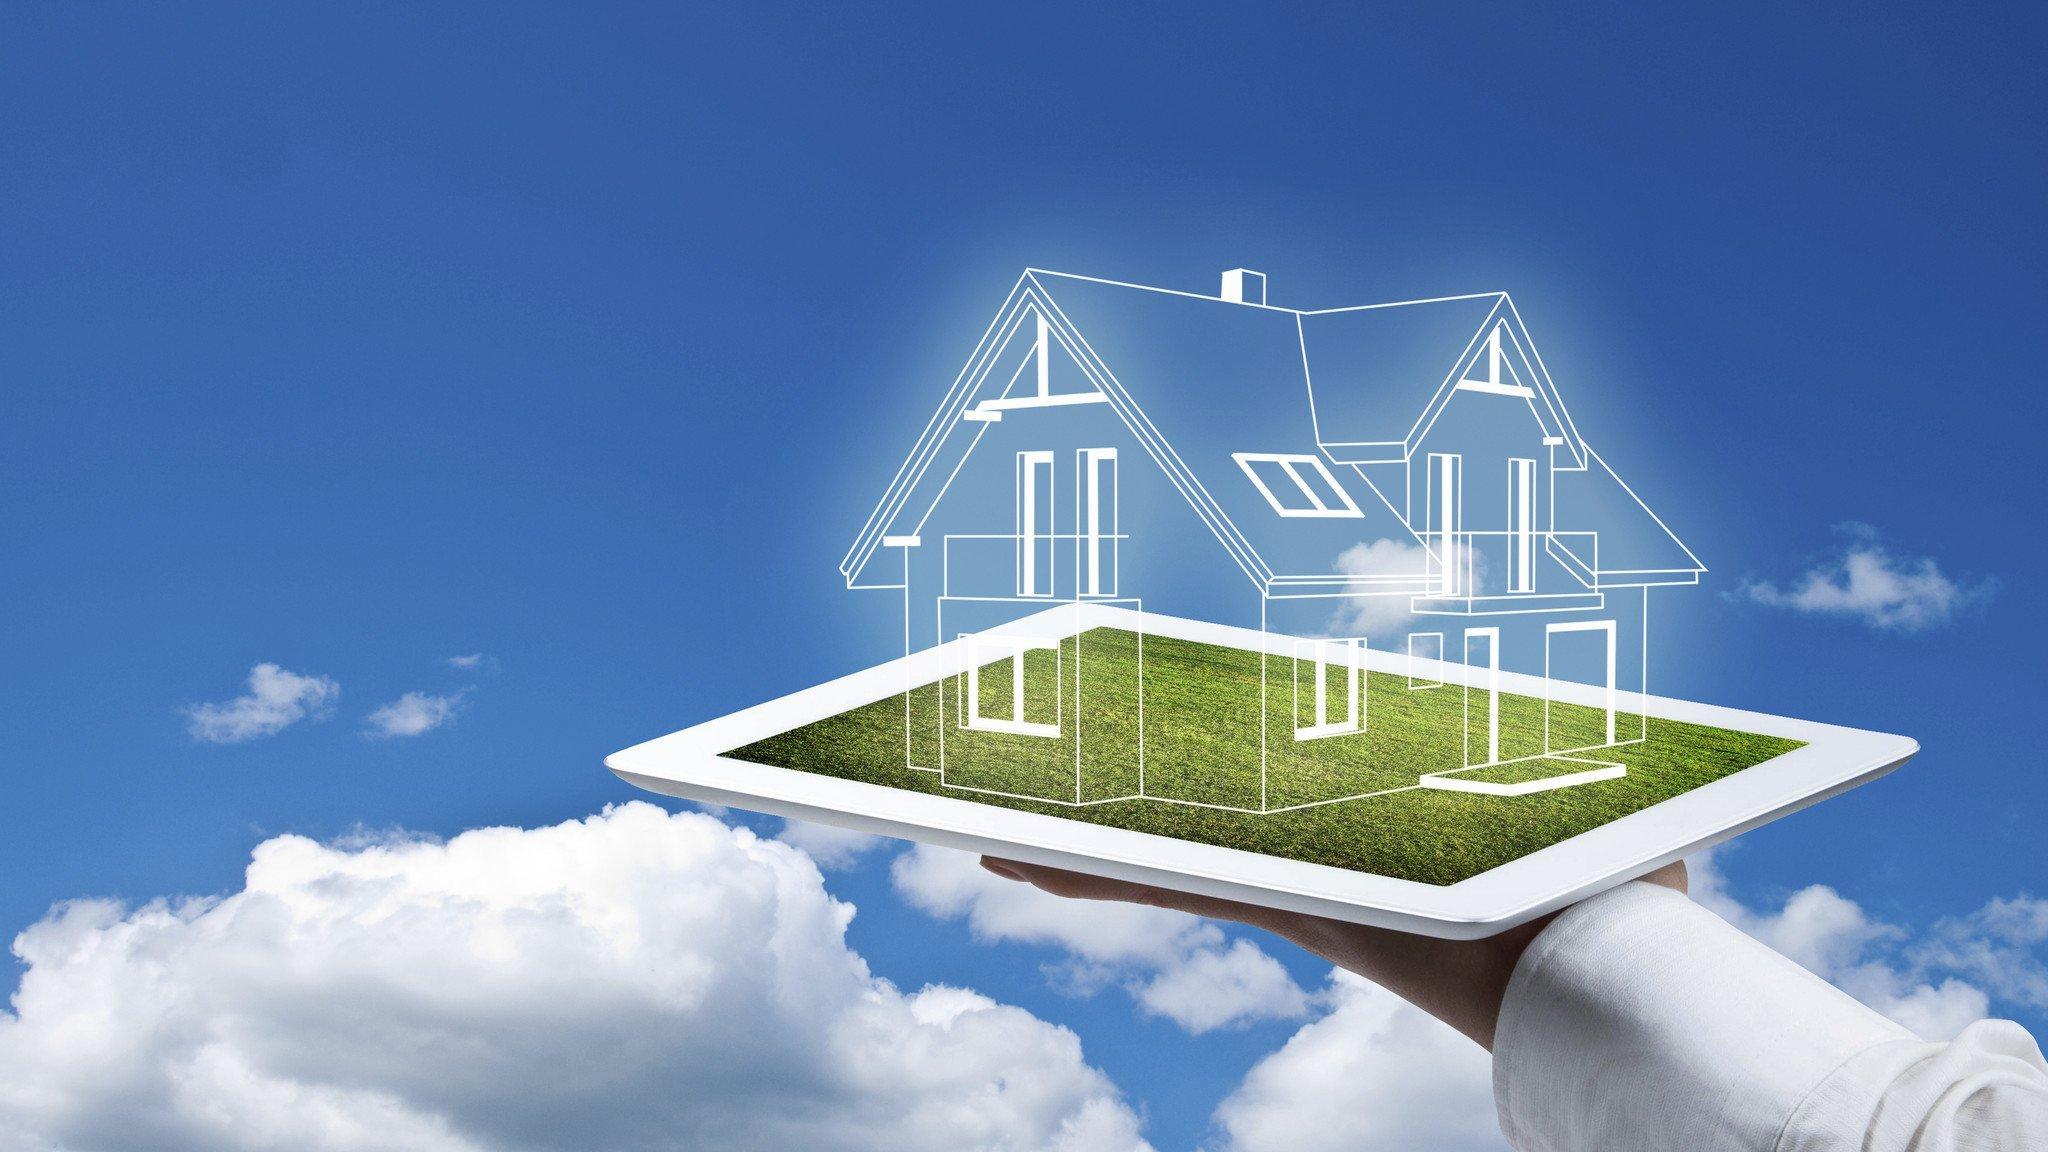 chi-real-estate-market-technology-bsi-20140820